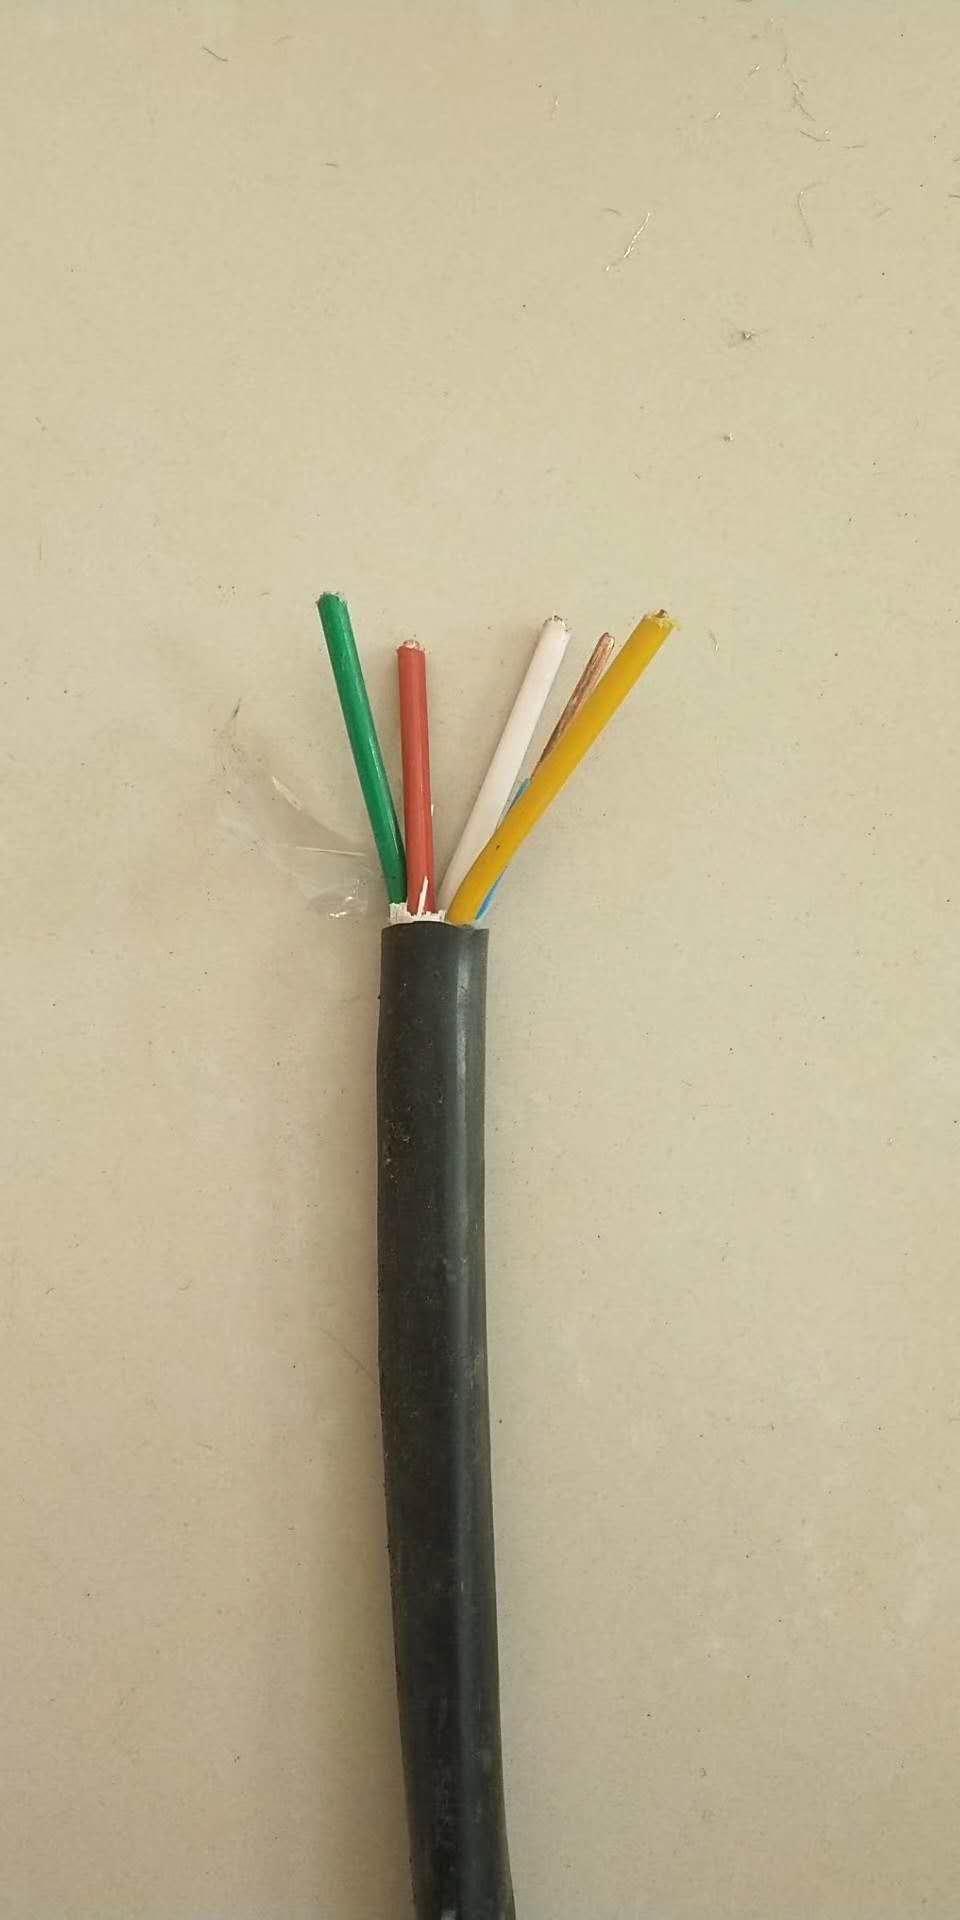 矿用控制电缆-mkvv32、37x1.5、哪里的比较好